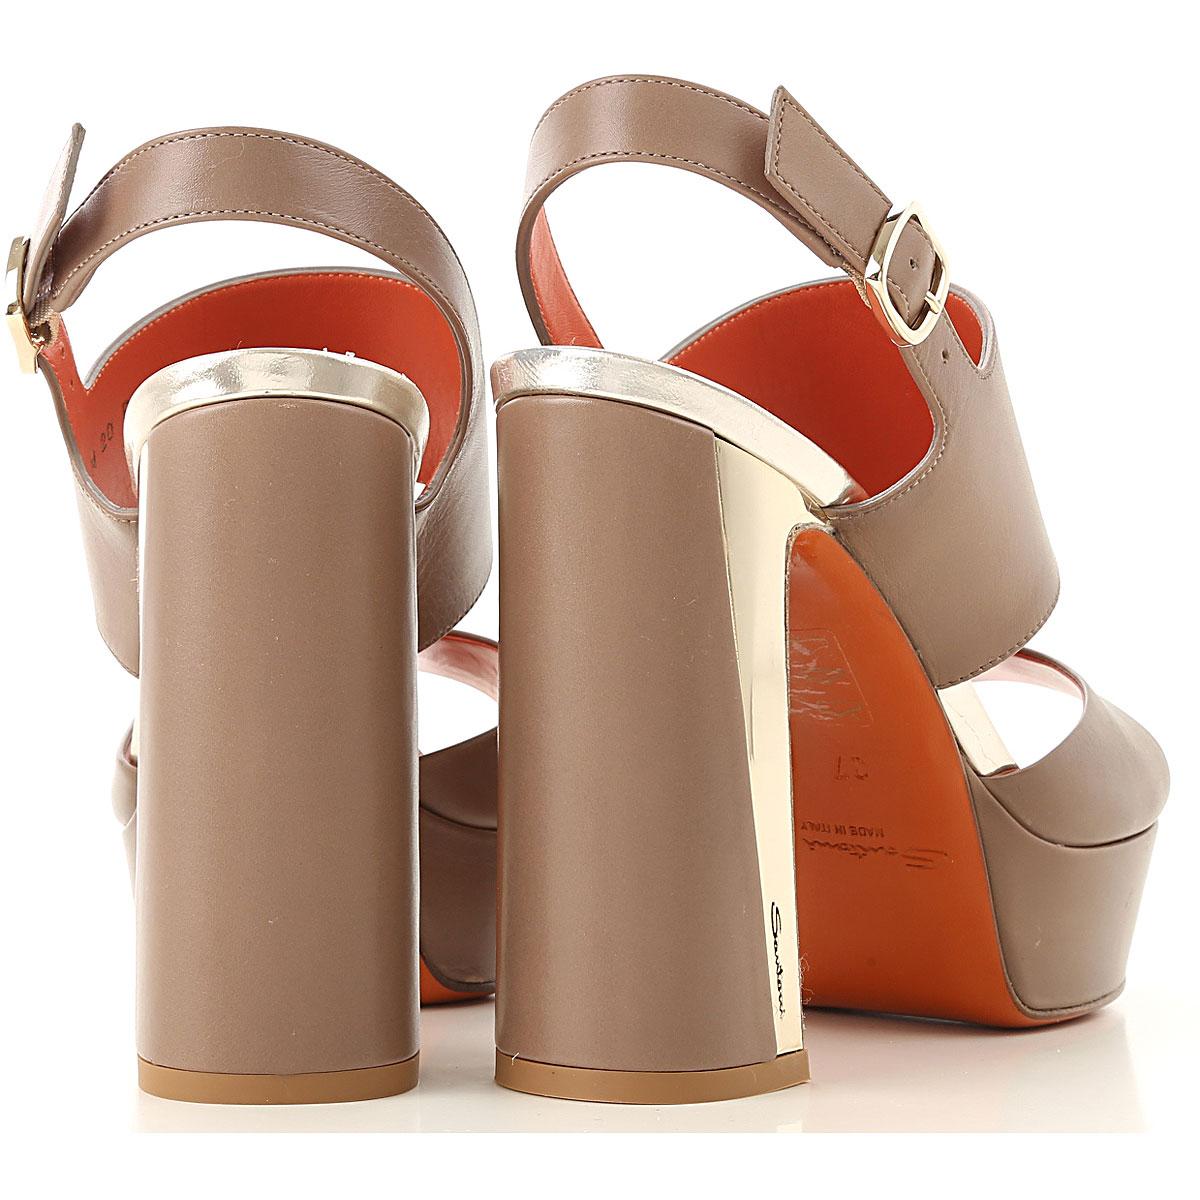 Primavera Avellana 2019 Mujer verano Santoni Platino Para Zapatos qgOgvt